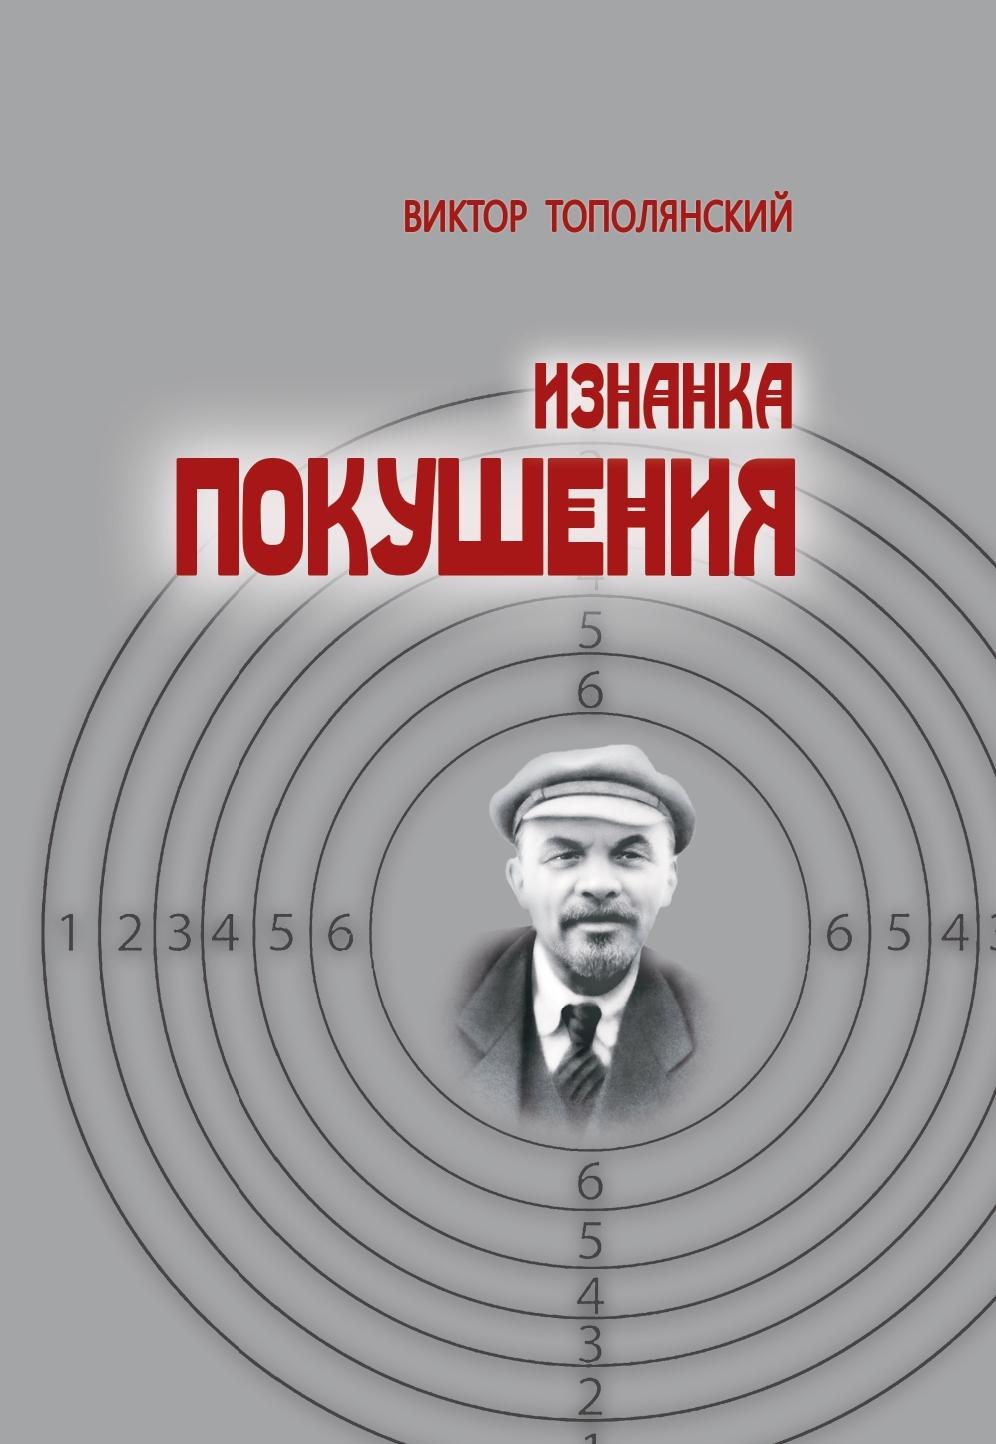 iznanka pokushenija cover_page-0001